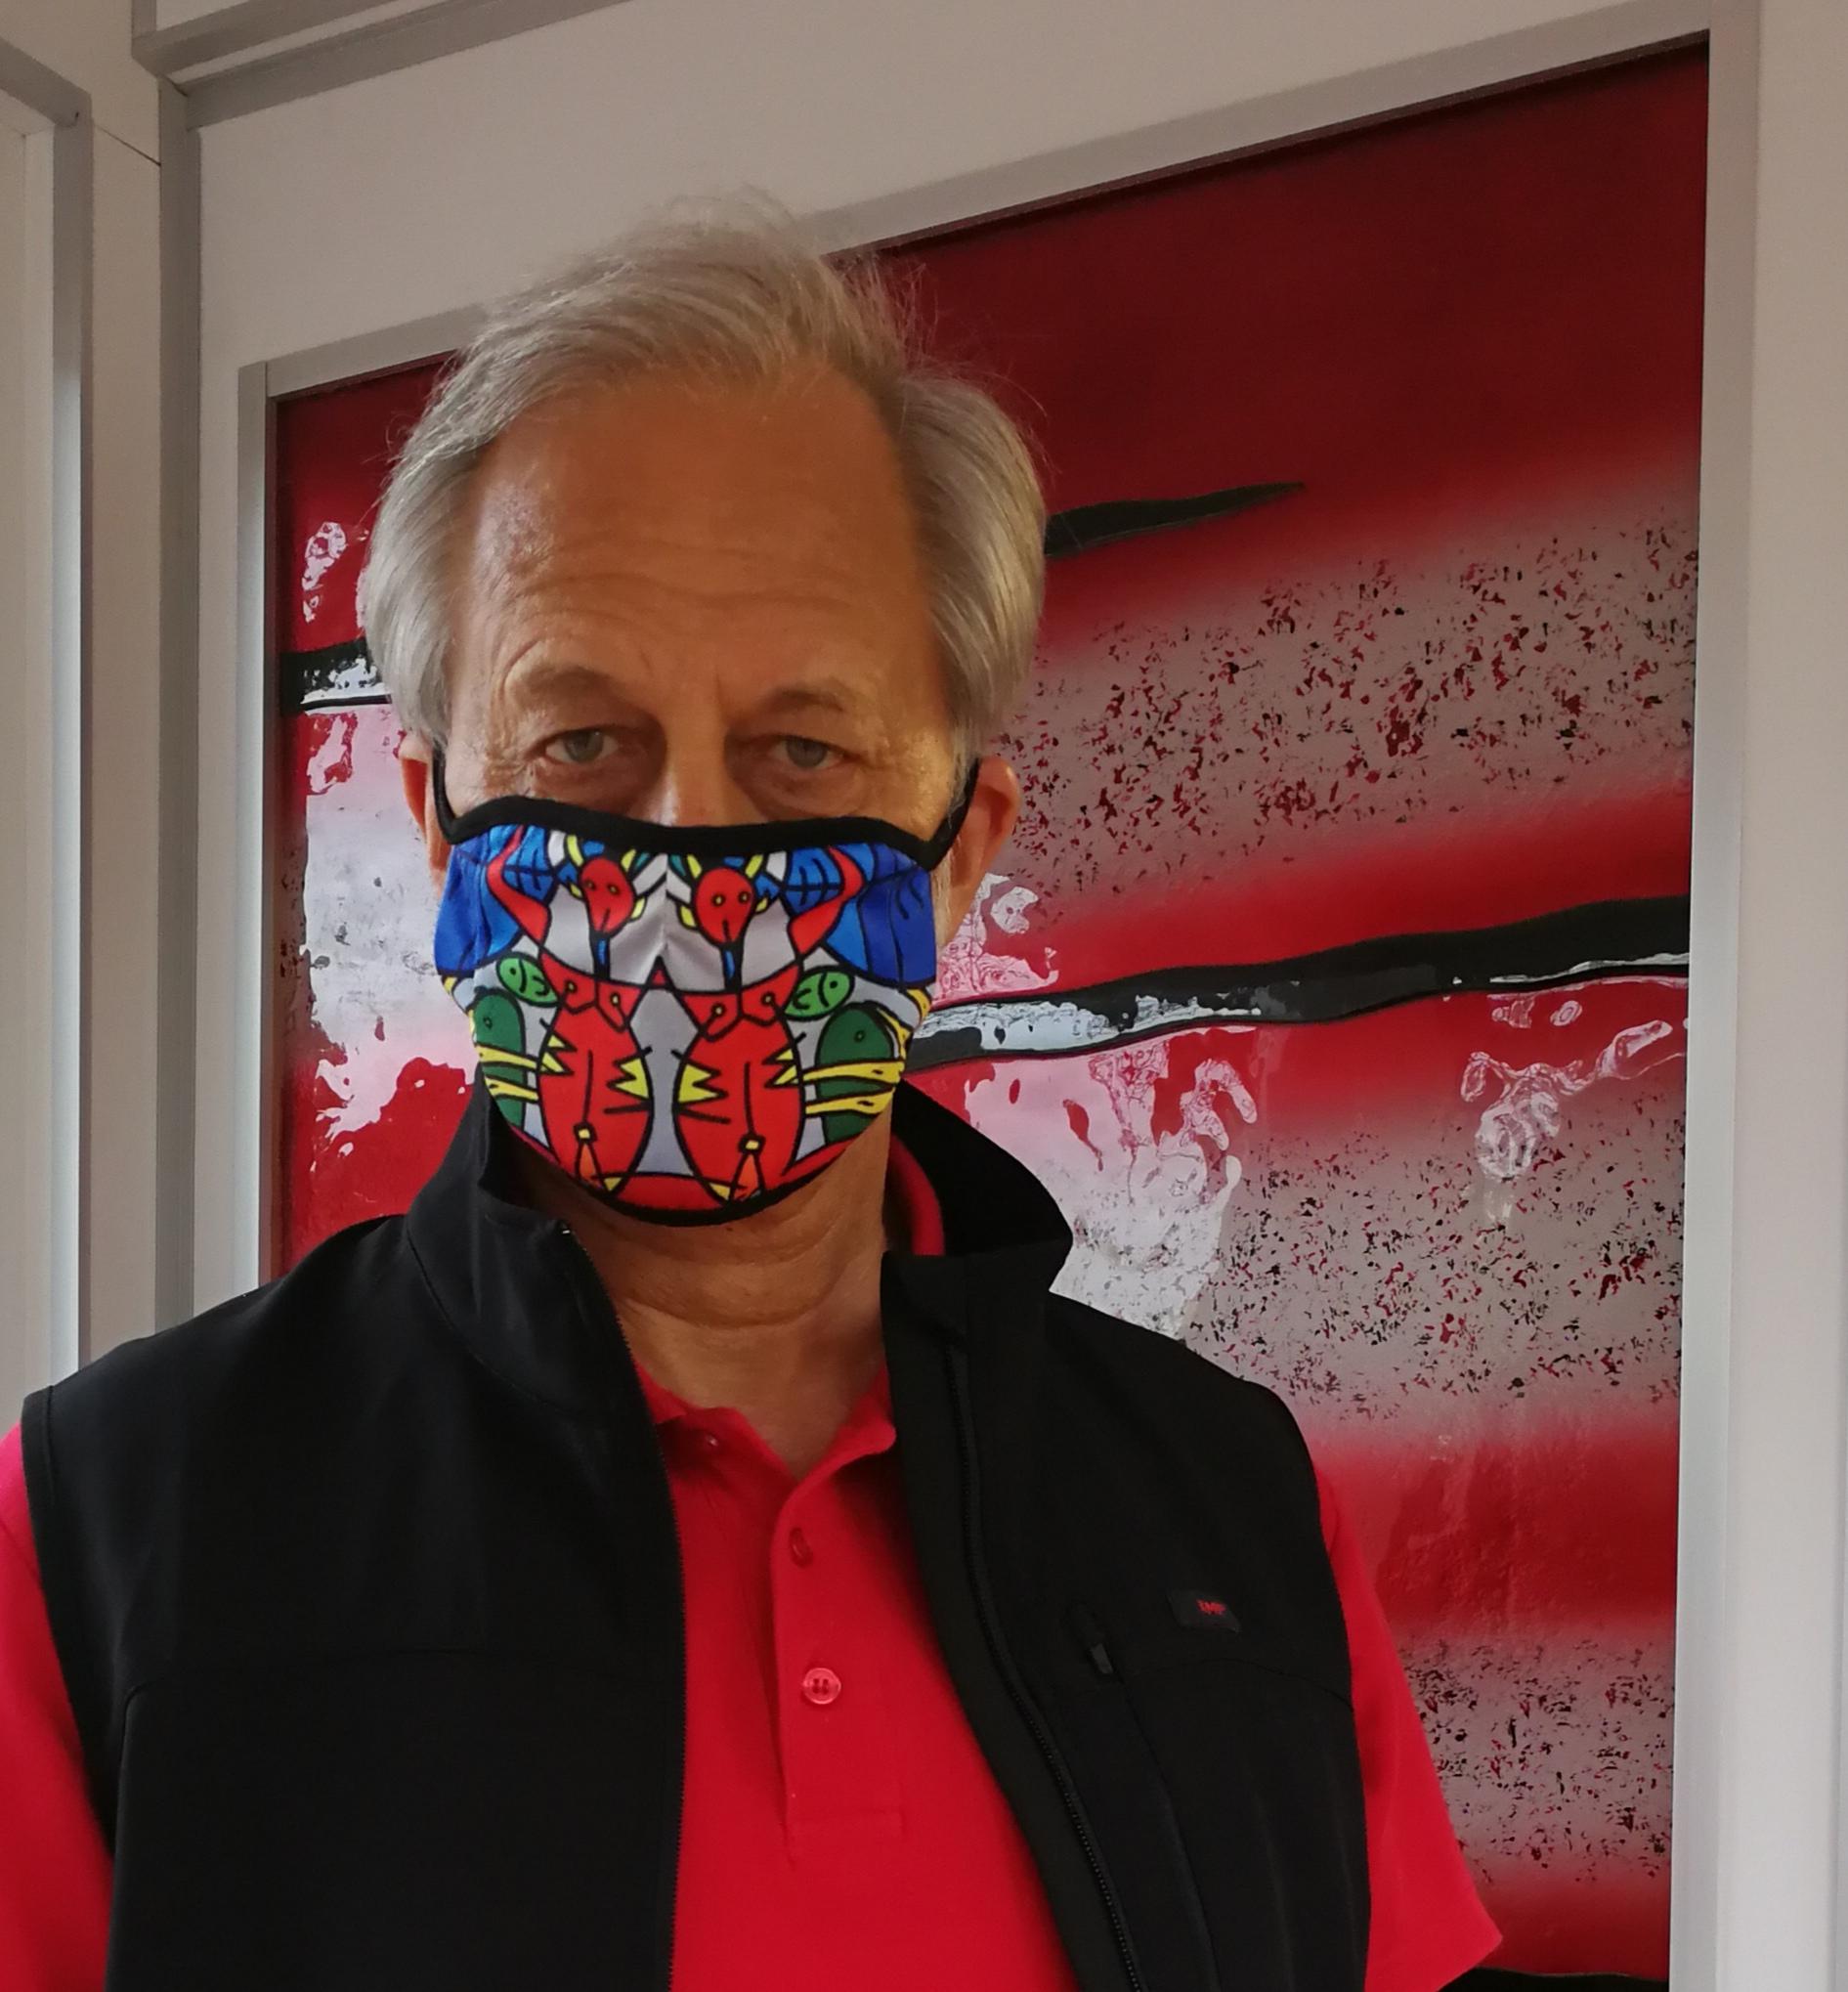 KMP-Inhaber Lutz Rasemann mit ART-Mundschutz